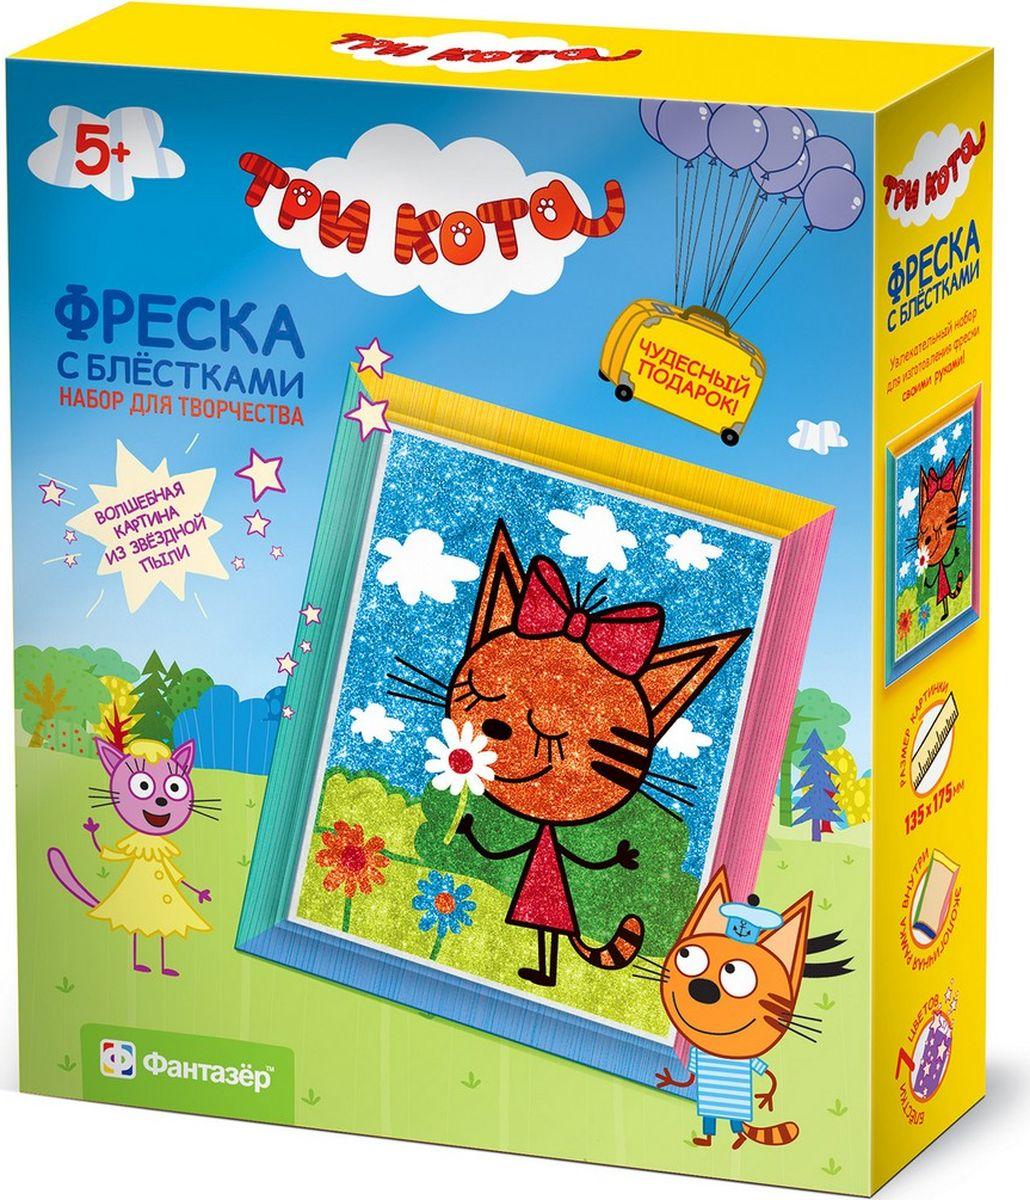 Фантазер Набор для создания фрески Три кота Карамелька набор для творчества фантазер объемная аппликация с пайетками милашки блестяшки 1шт